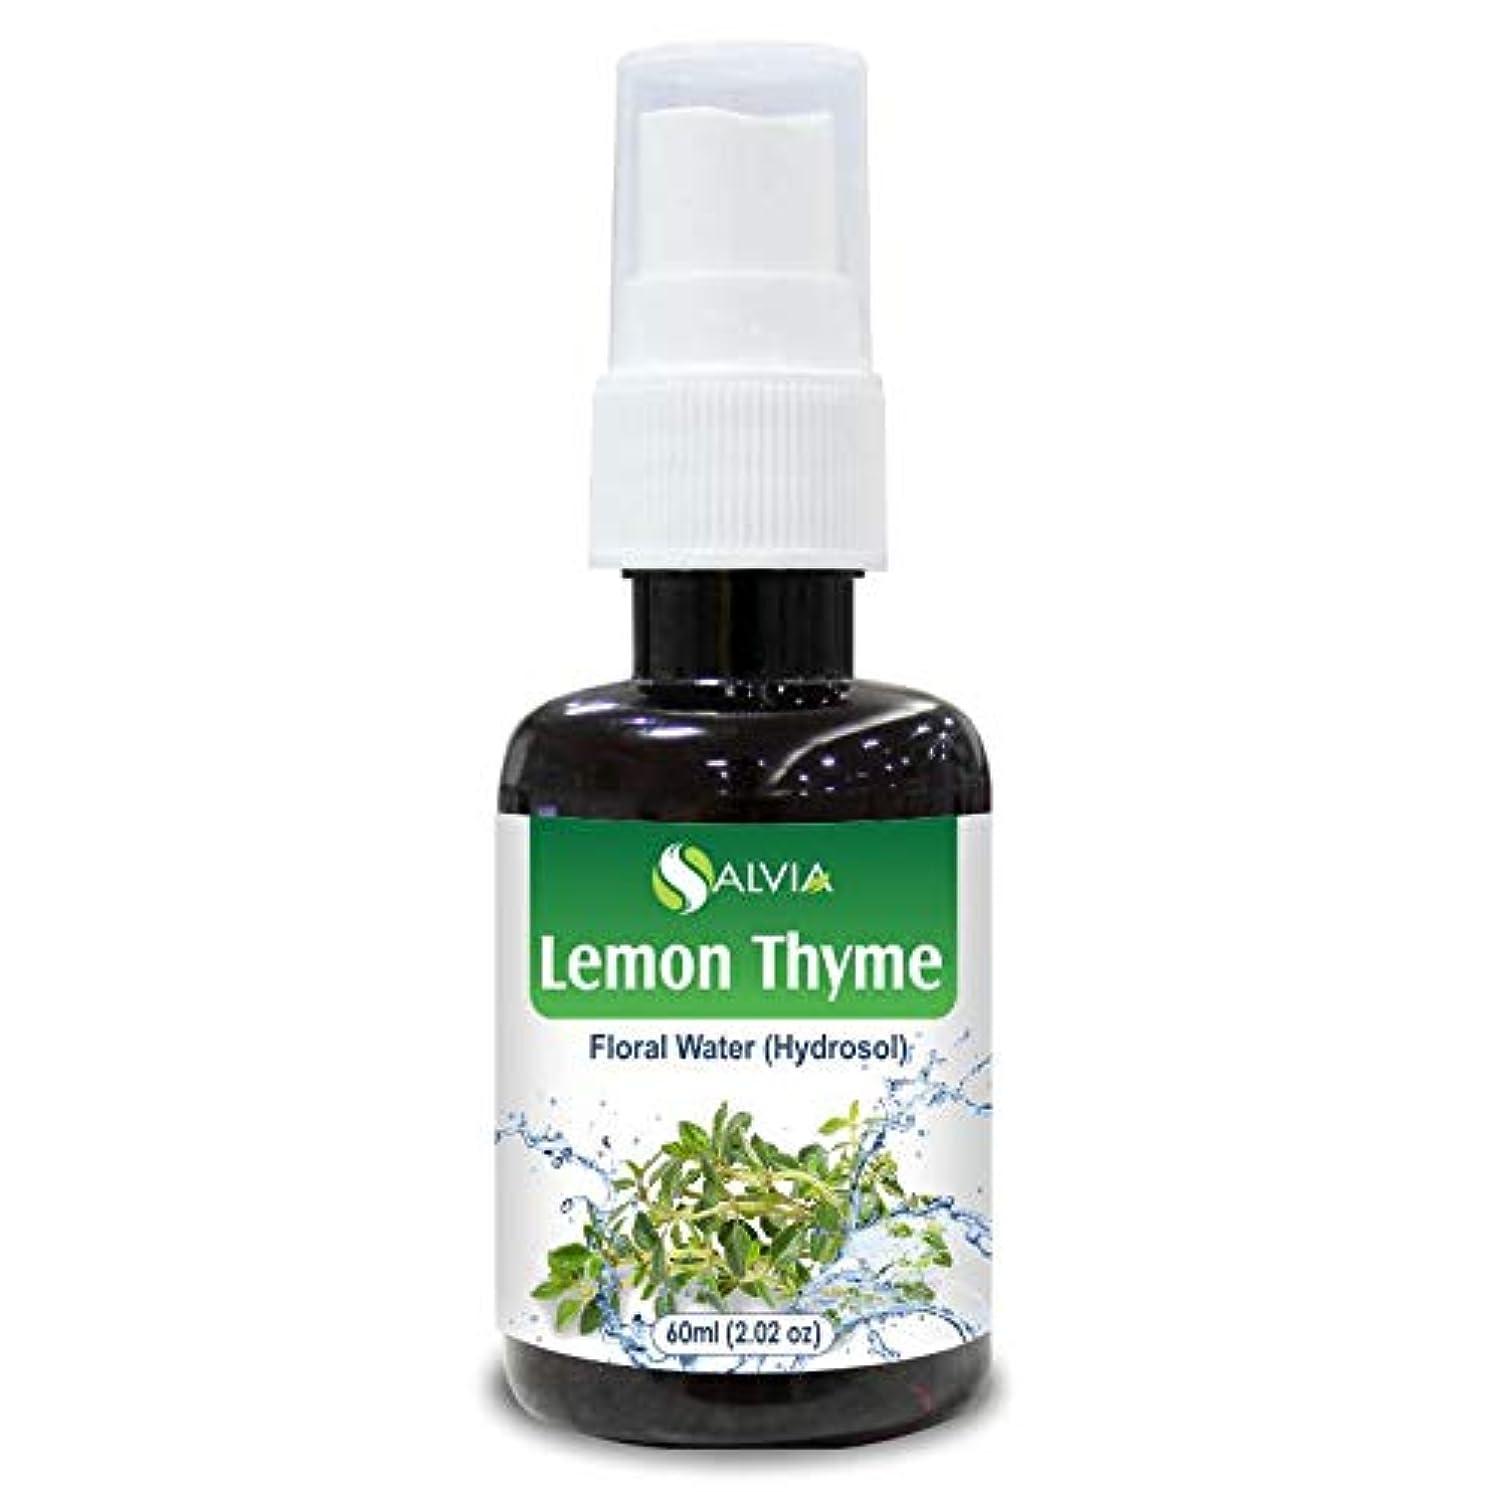 びっくりに同意する報告書Lemon Thyme Floral Water 60ml (Hydrosol) 100% Pure And Natural